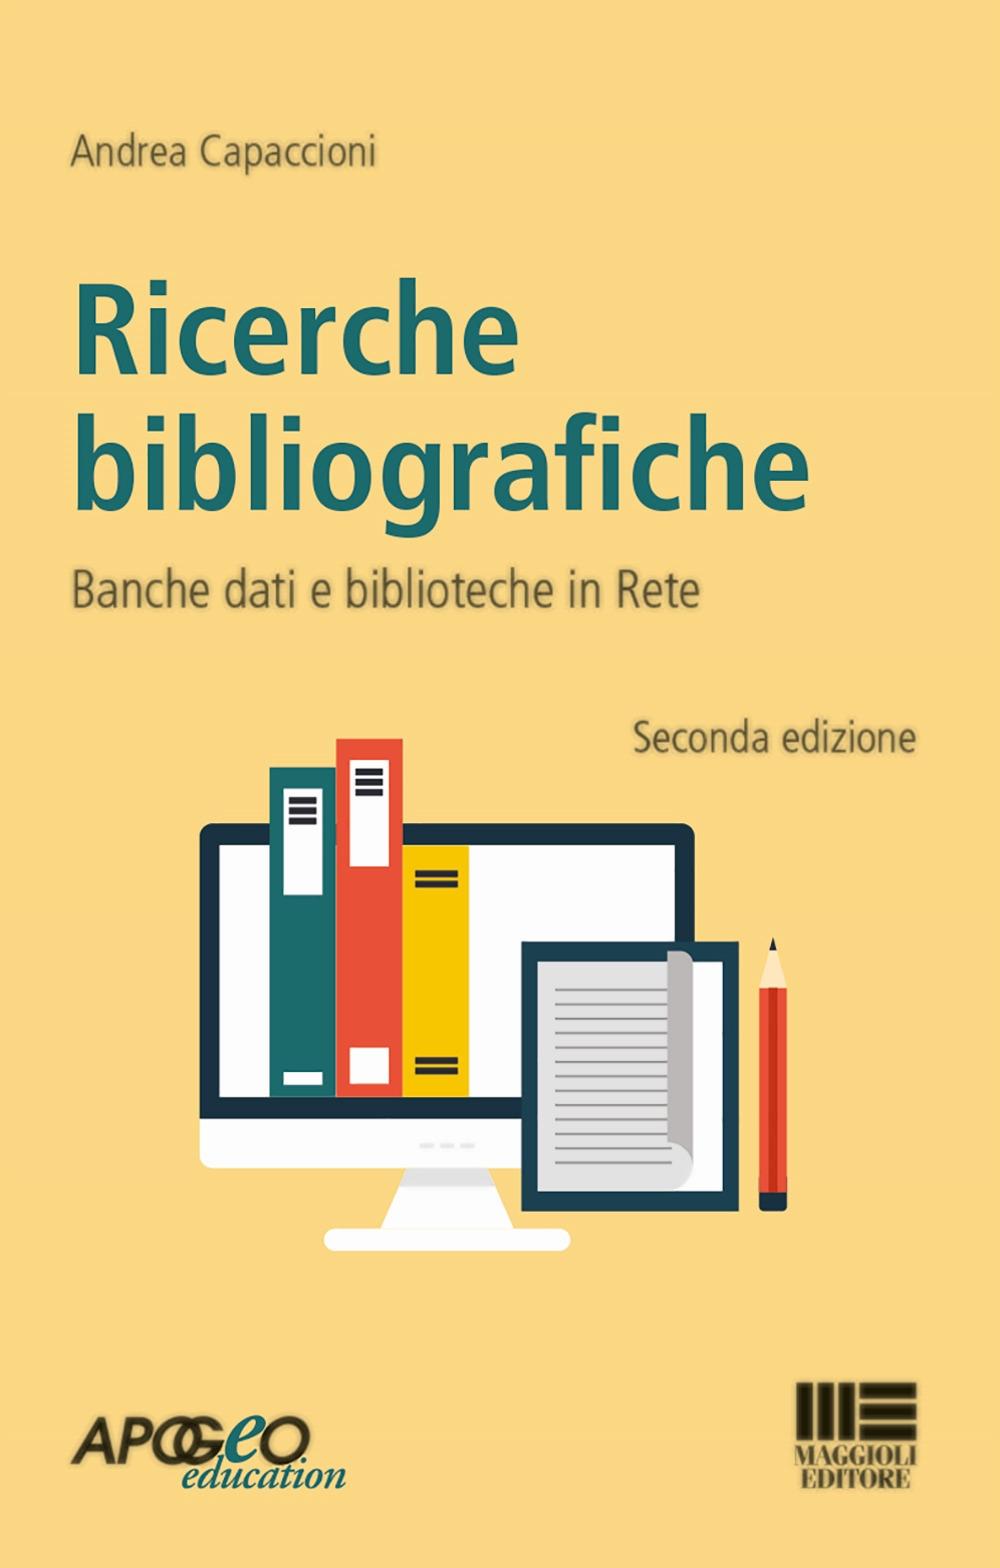 Ricerche bibliografiche. Banche dati e biblioteche in rete